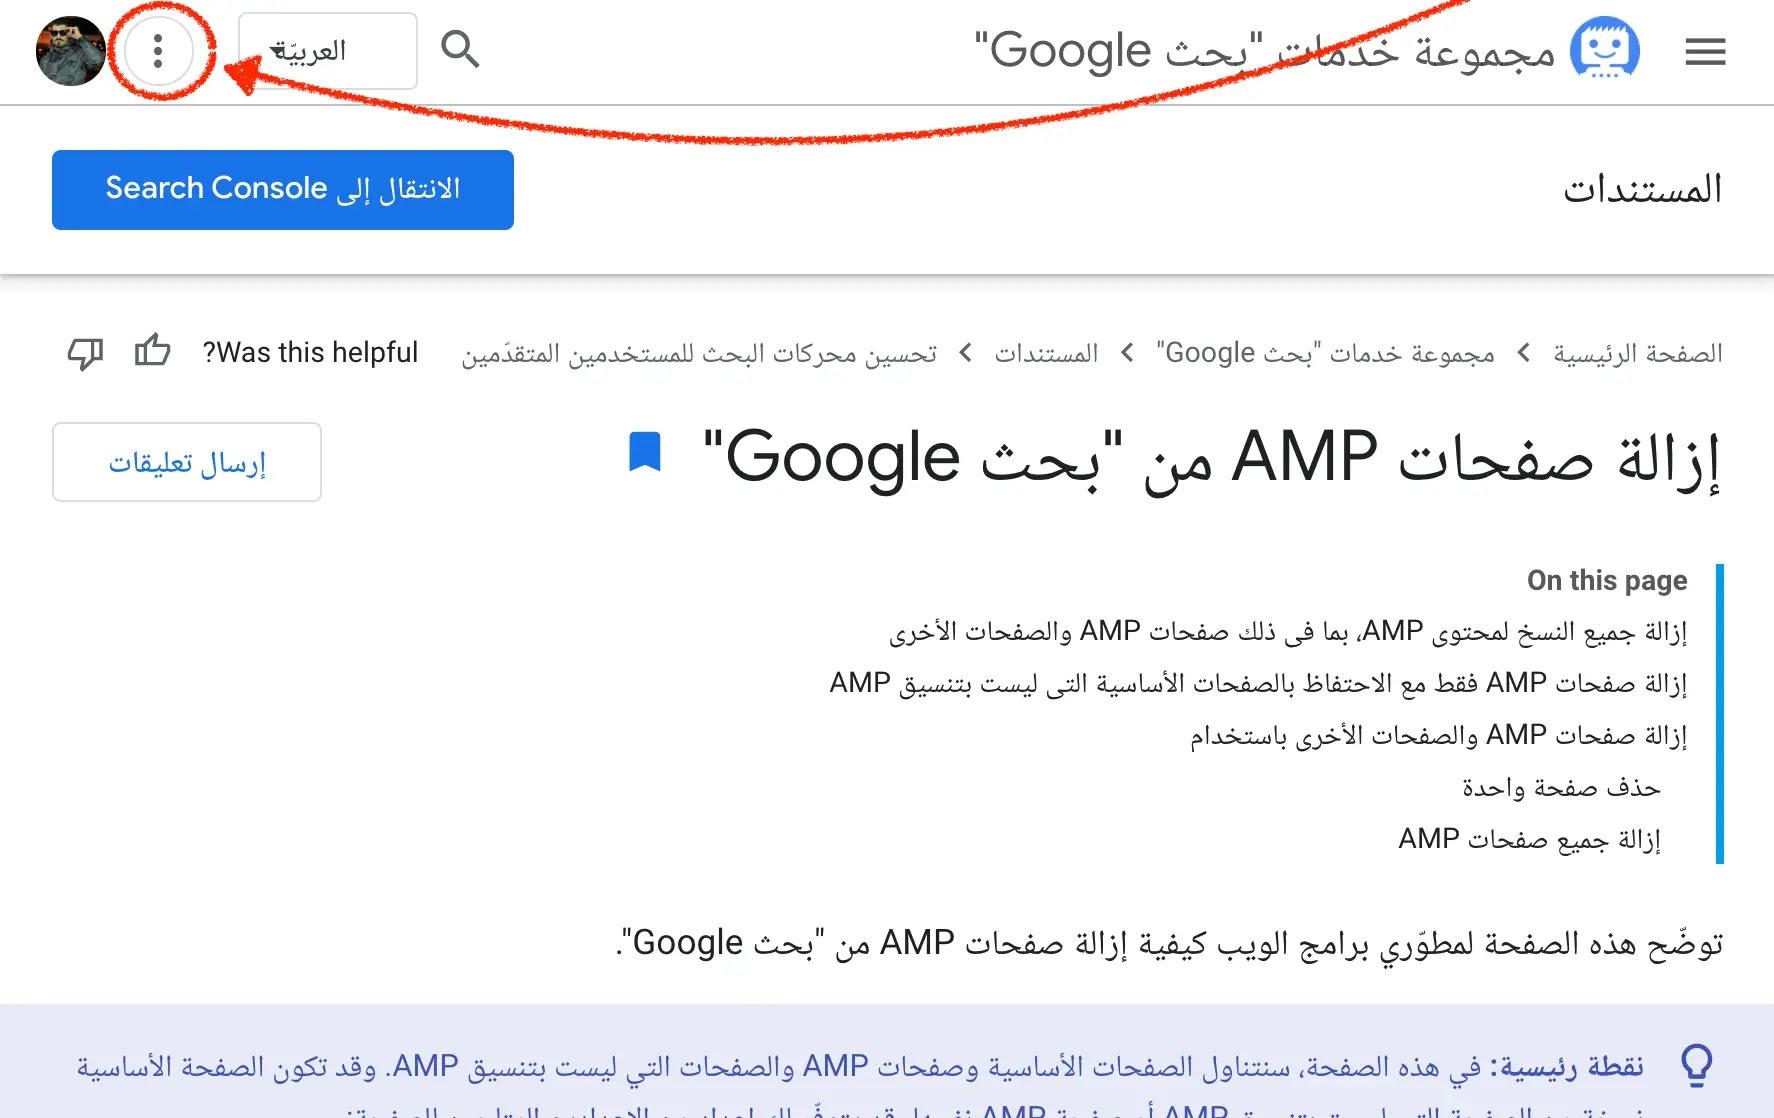 خطوات الوصول إلى الملفّ الشّخصي لمطوّري غوغل